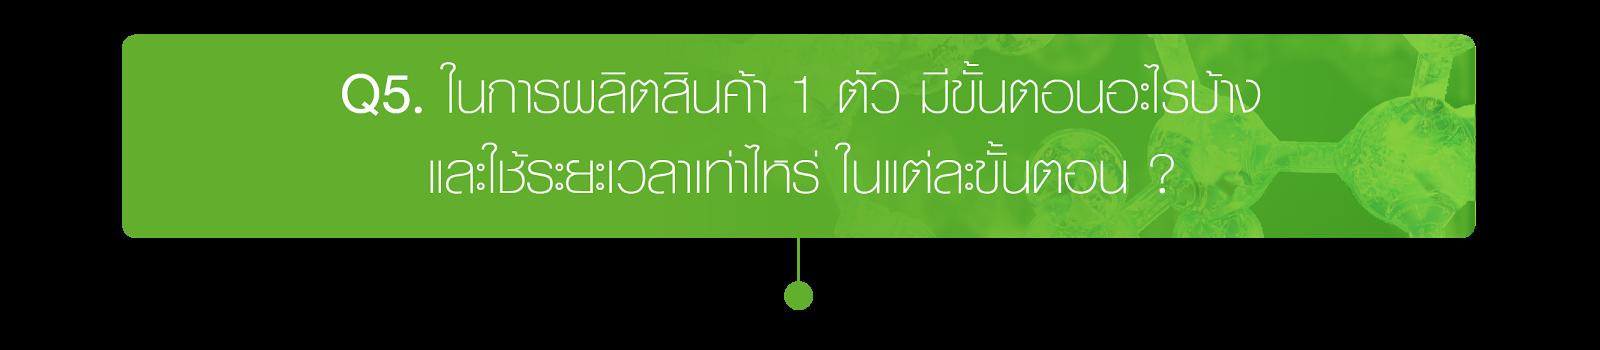 FAQ_img_05